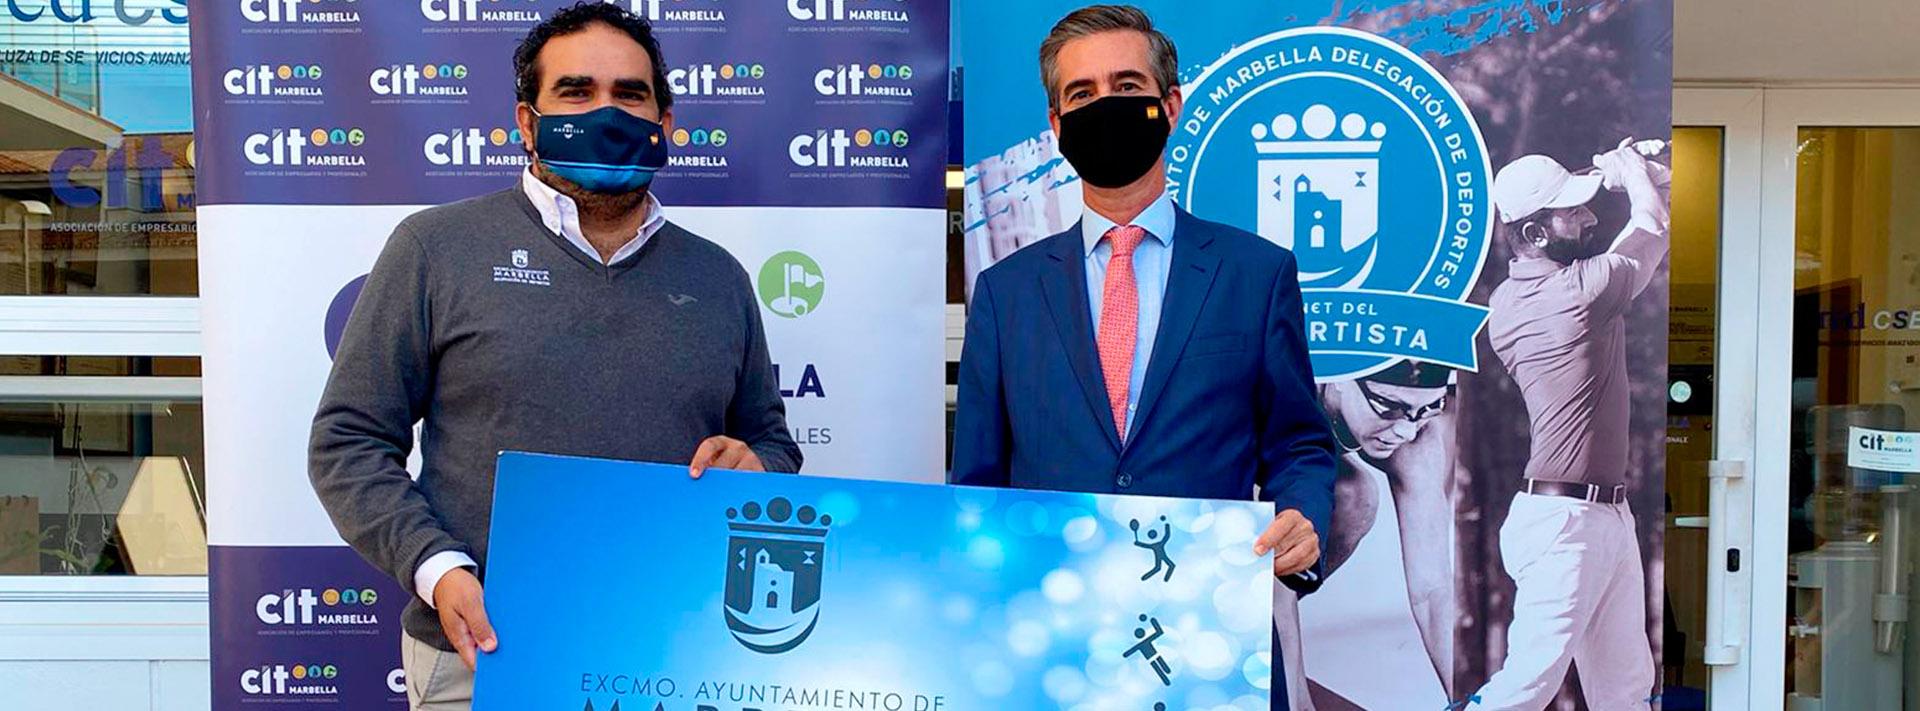 Ayuntamiento y CIT promocionan el carnet del deportista